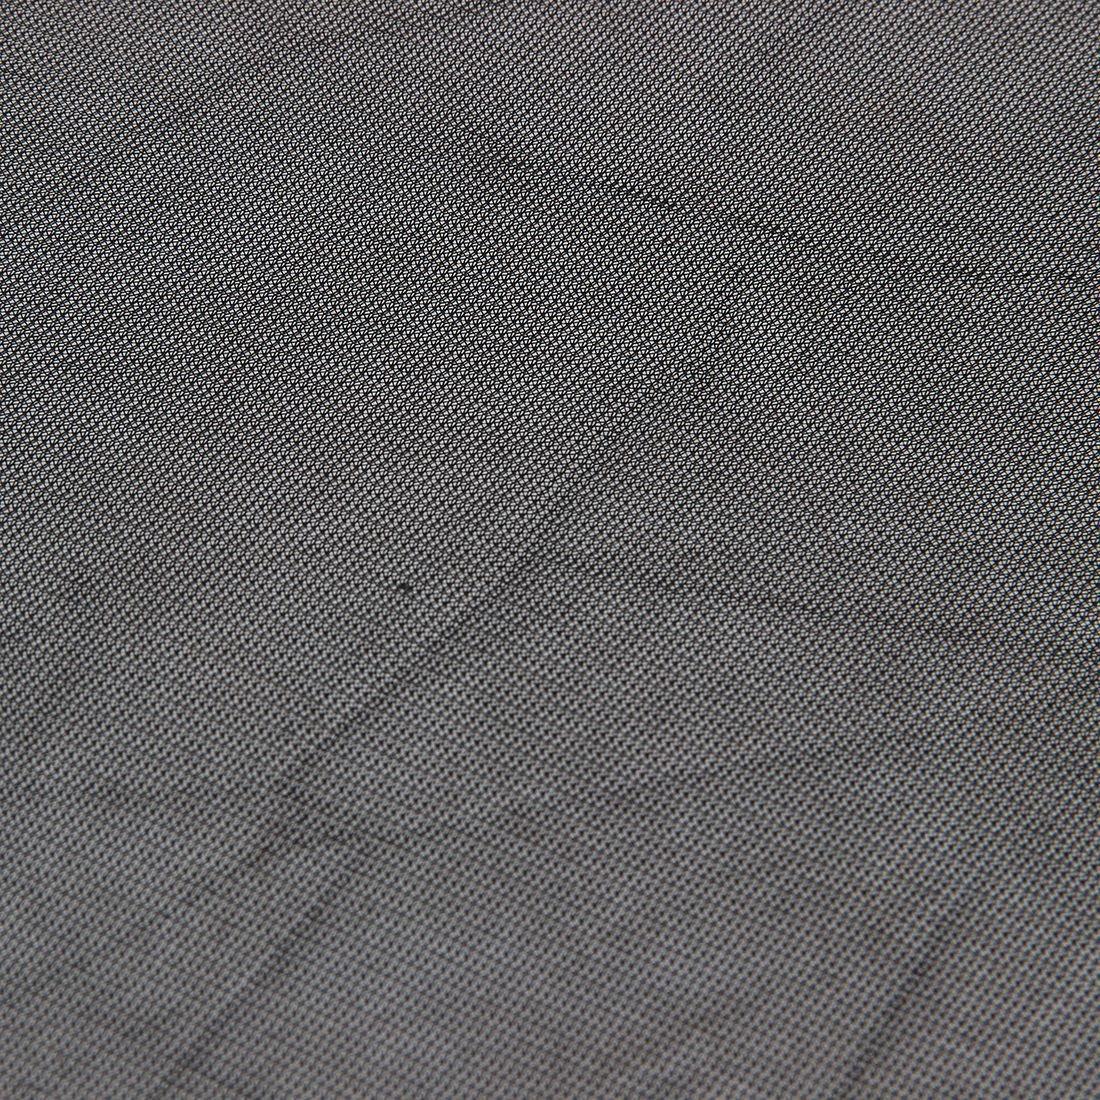 TOOGOO Car Pare-Soleil pour Pare-Brise De Lunette Arri/ère Coupe Ventouse Fit /écran Protections Enfants Chien